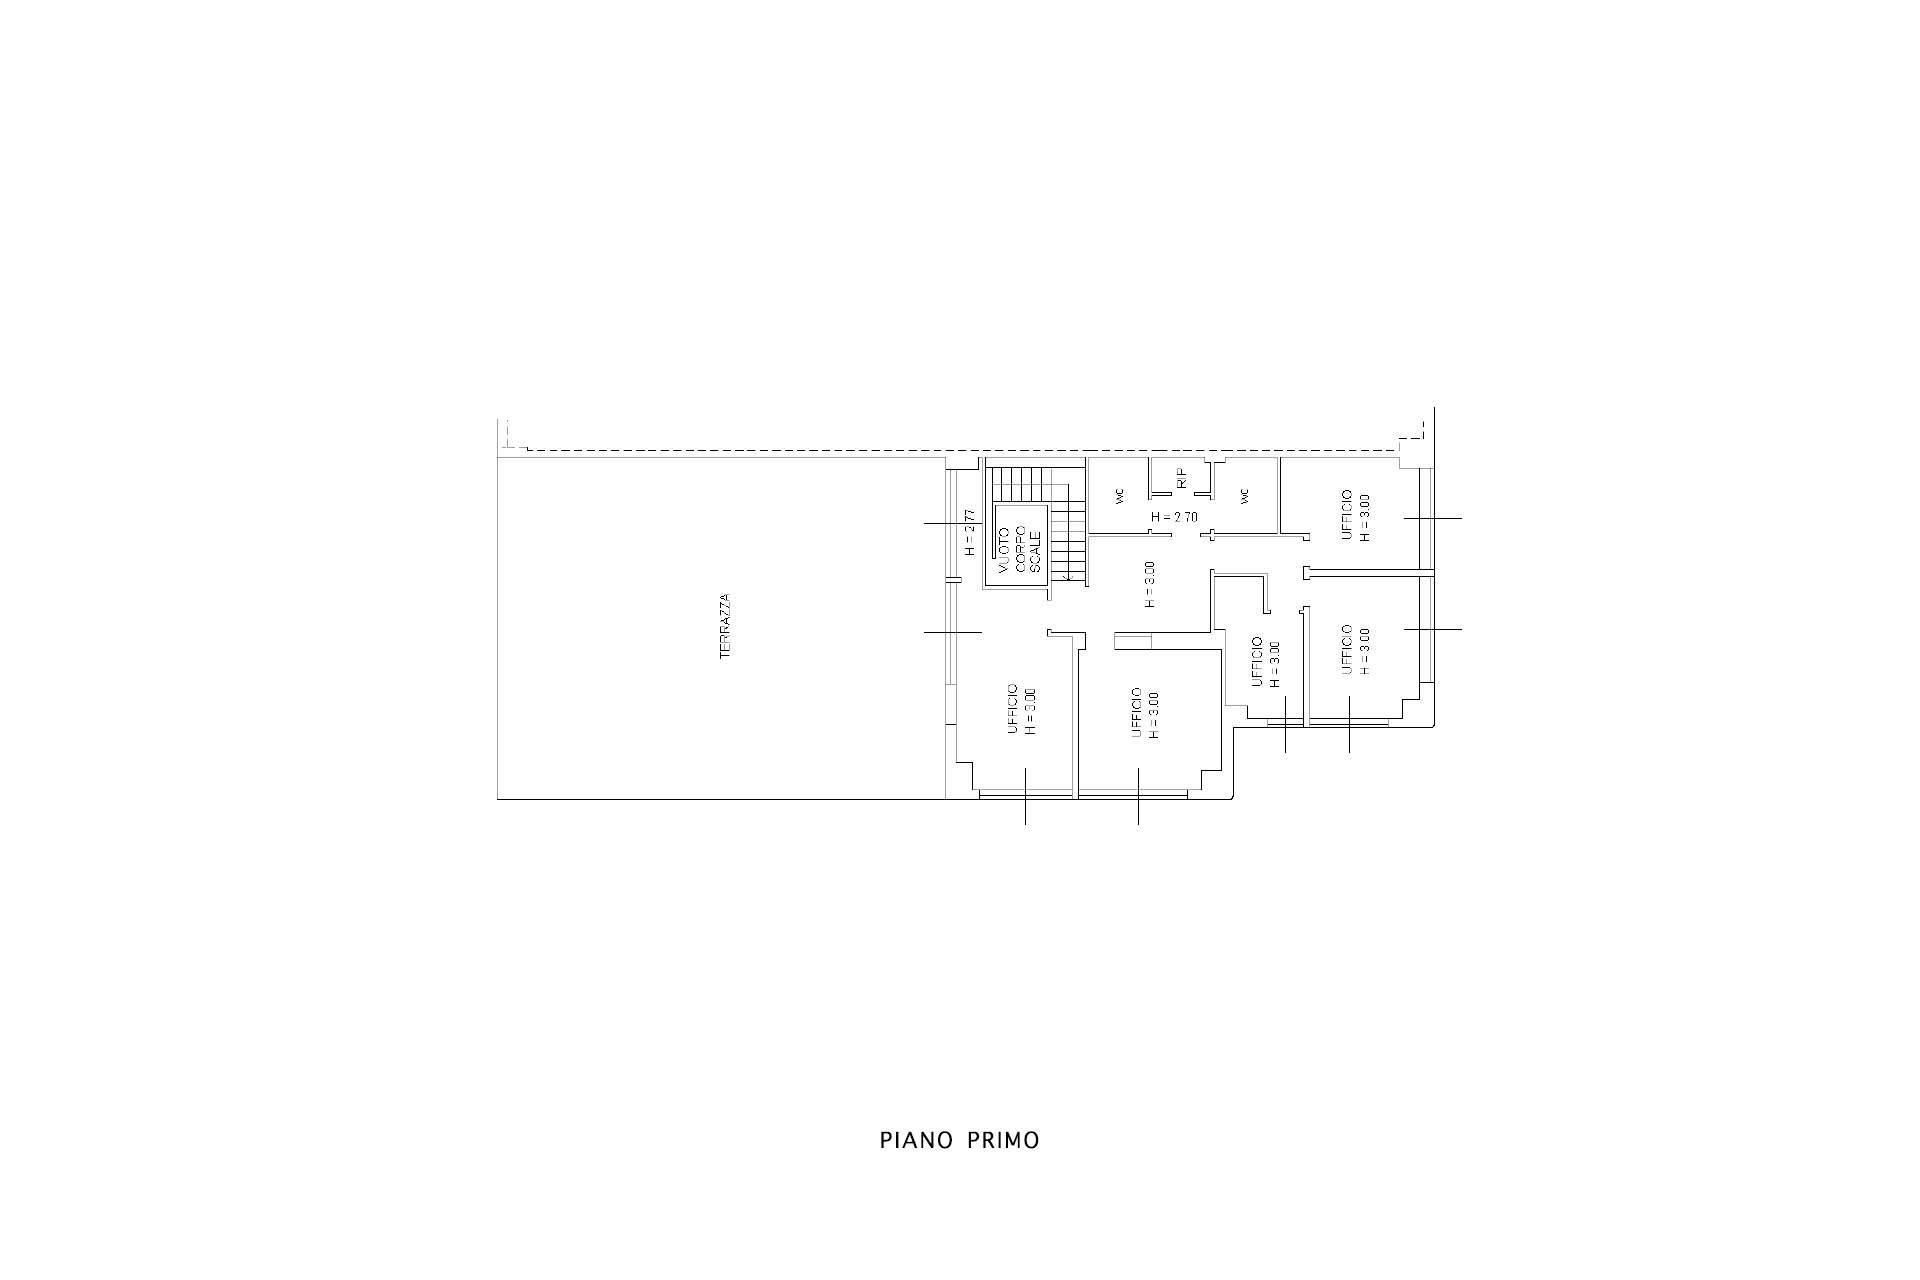 Planimetria piano primo uff. 1